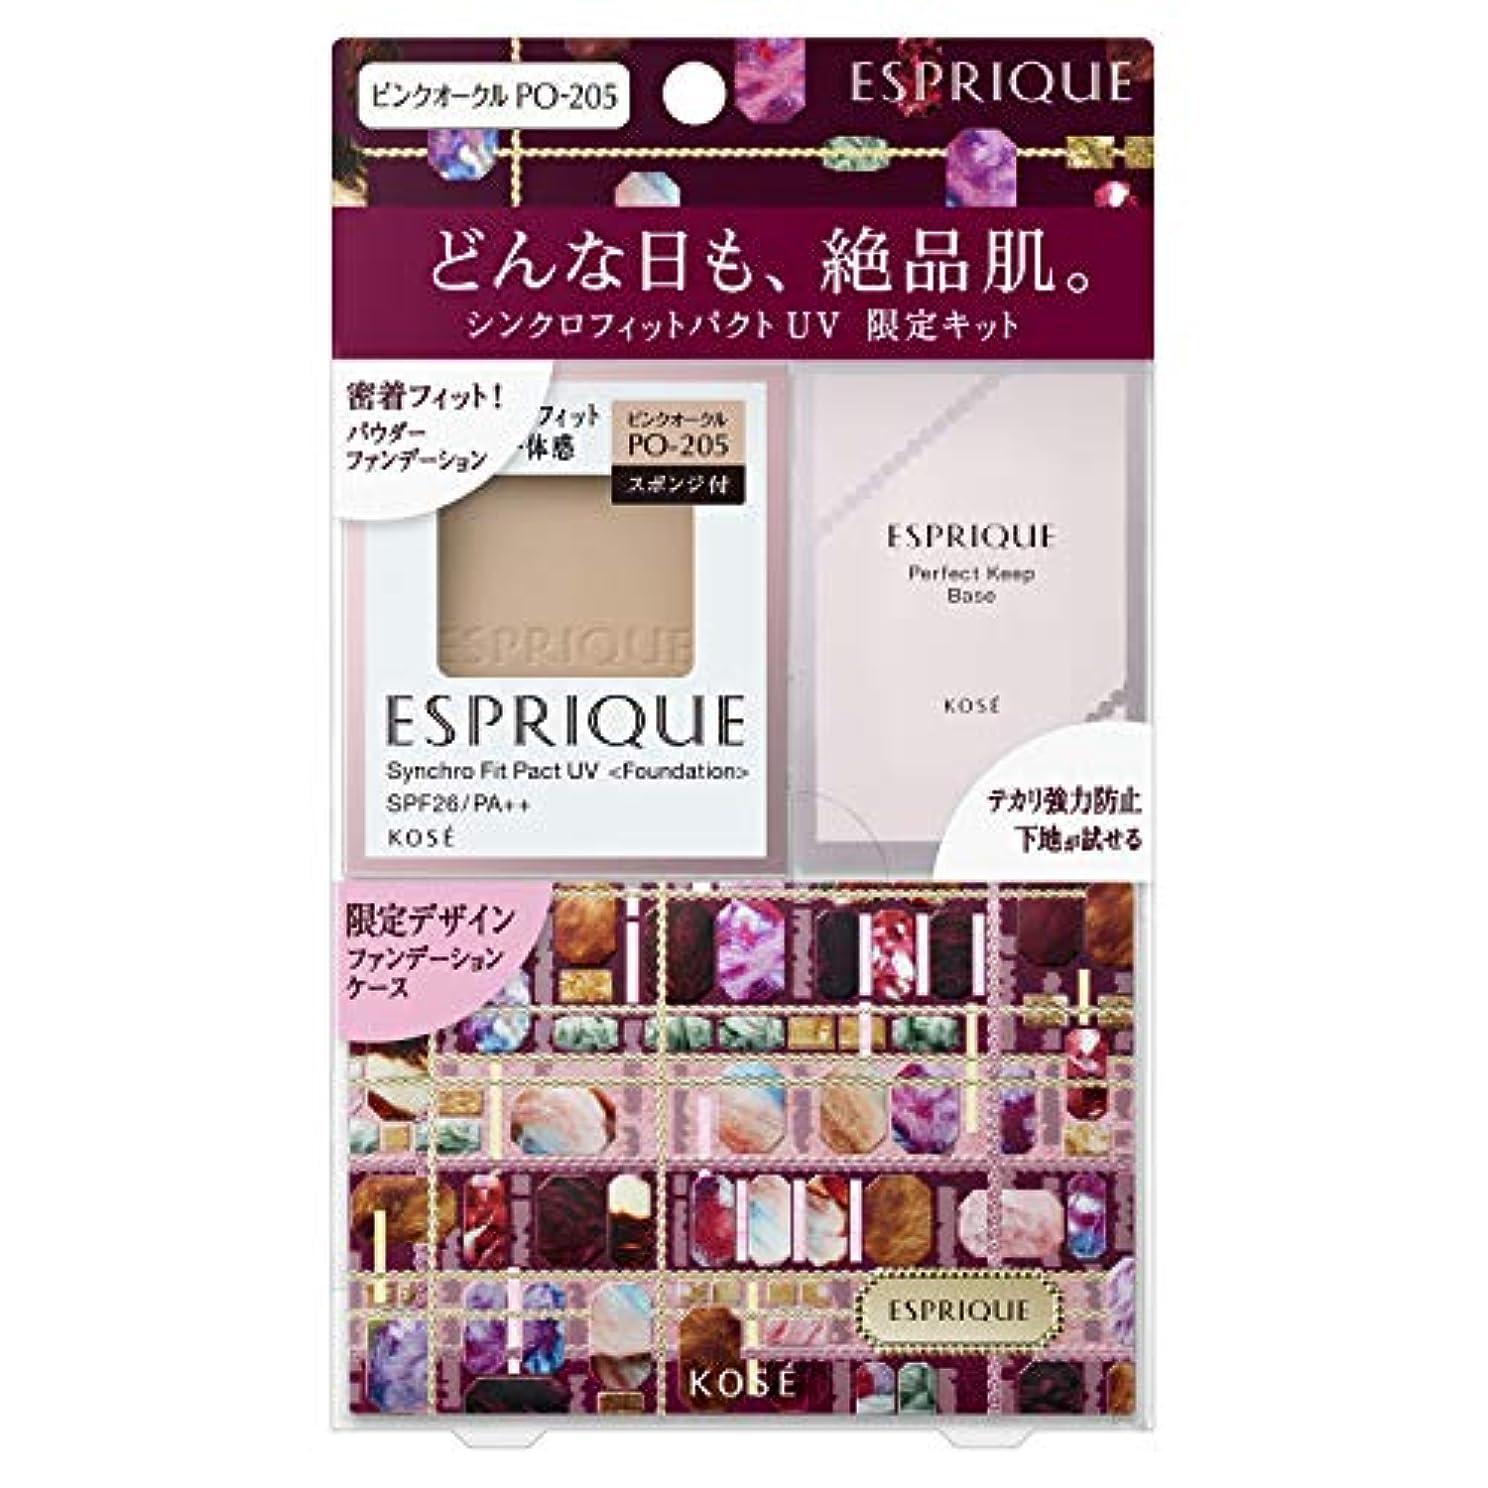 刺繍軌道刺繍エスプリーク シンクロフィット パクト UV 限定キット 2 PO-205 ピンクオークル